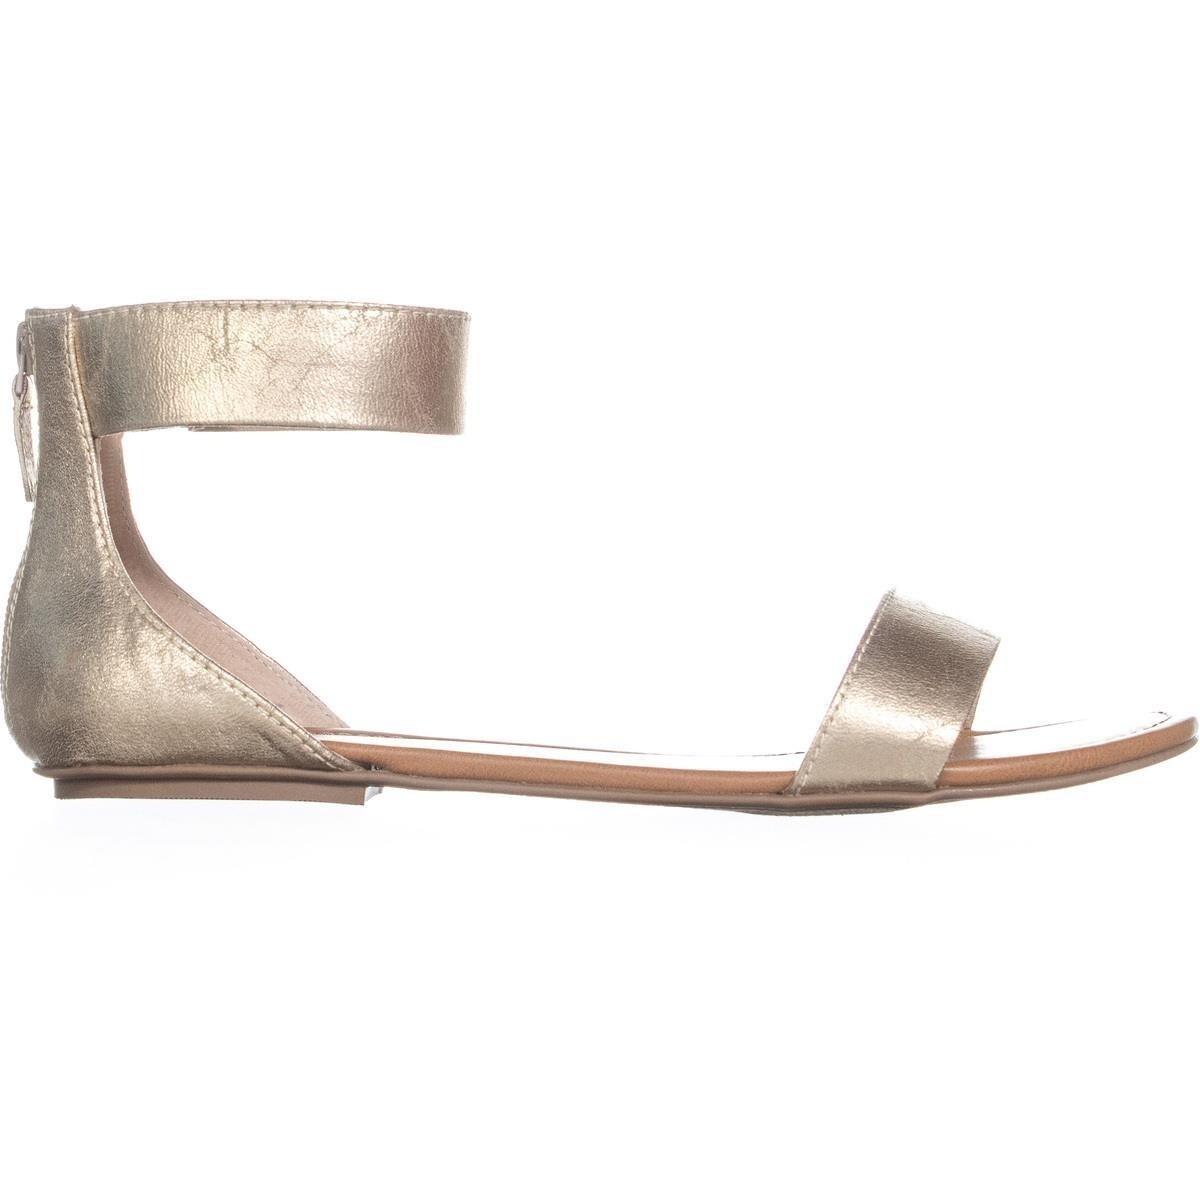 ea361ecbacc Shop AR35 Keley Ankle Strap Flat Sandals